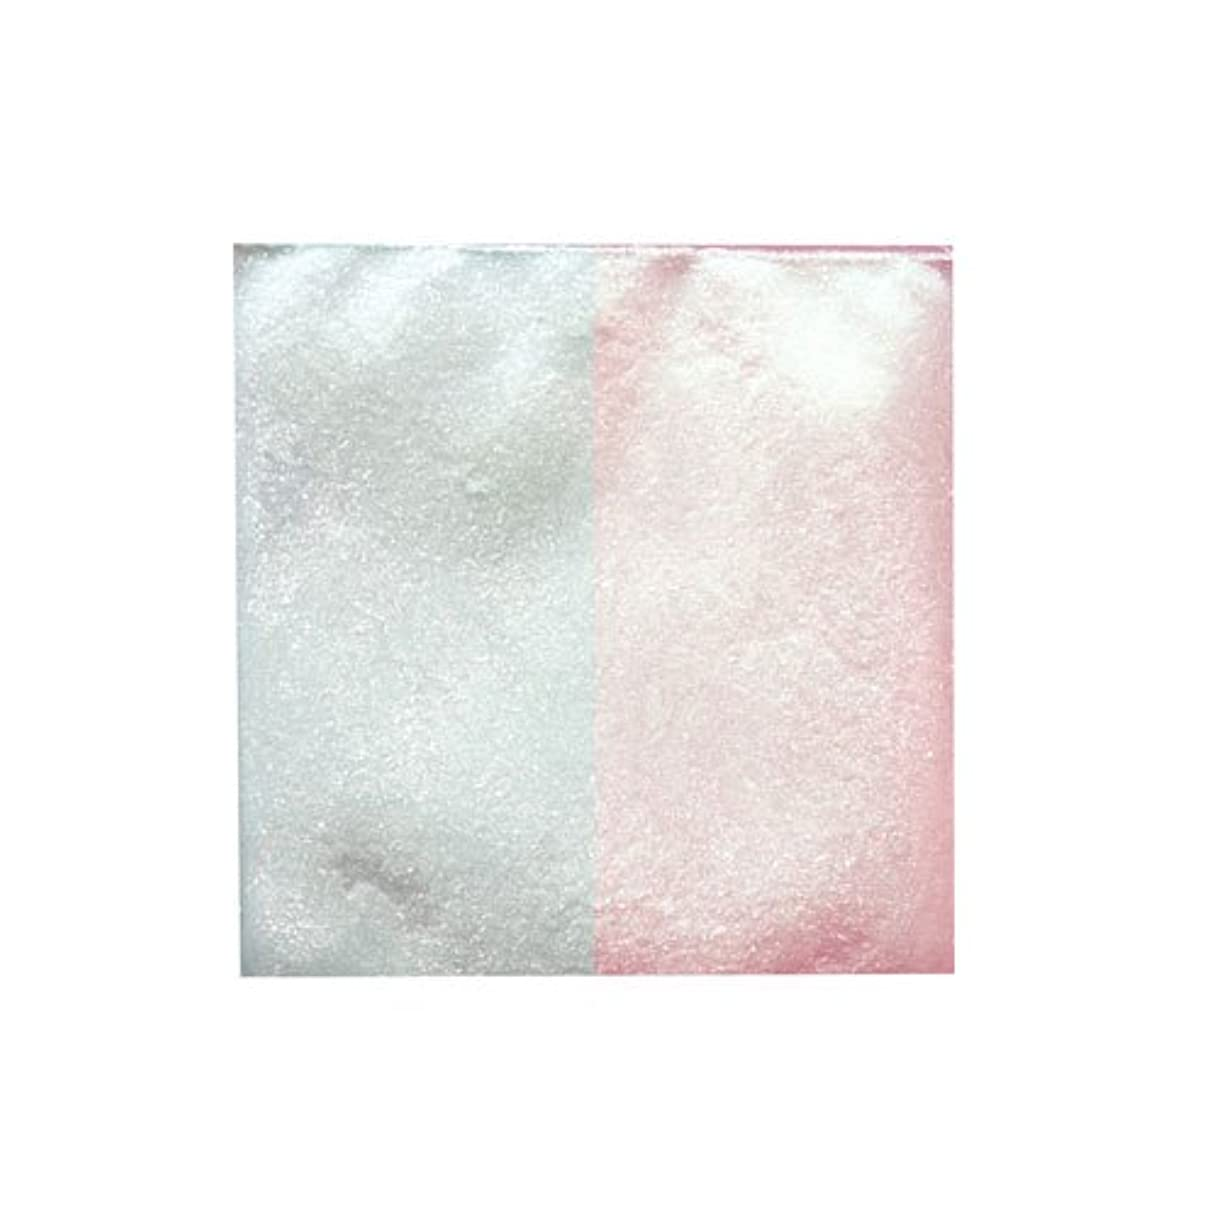 静かなエンディング確かめるピカエース ネイル用パウダー ピカエース シャインダスト #467 ミラーピンク 0.5g アート材